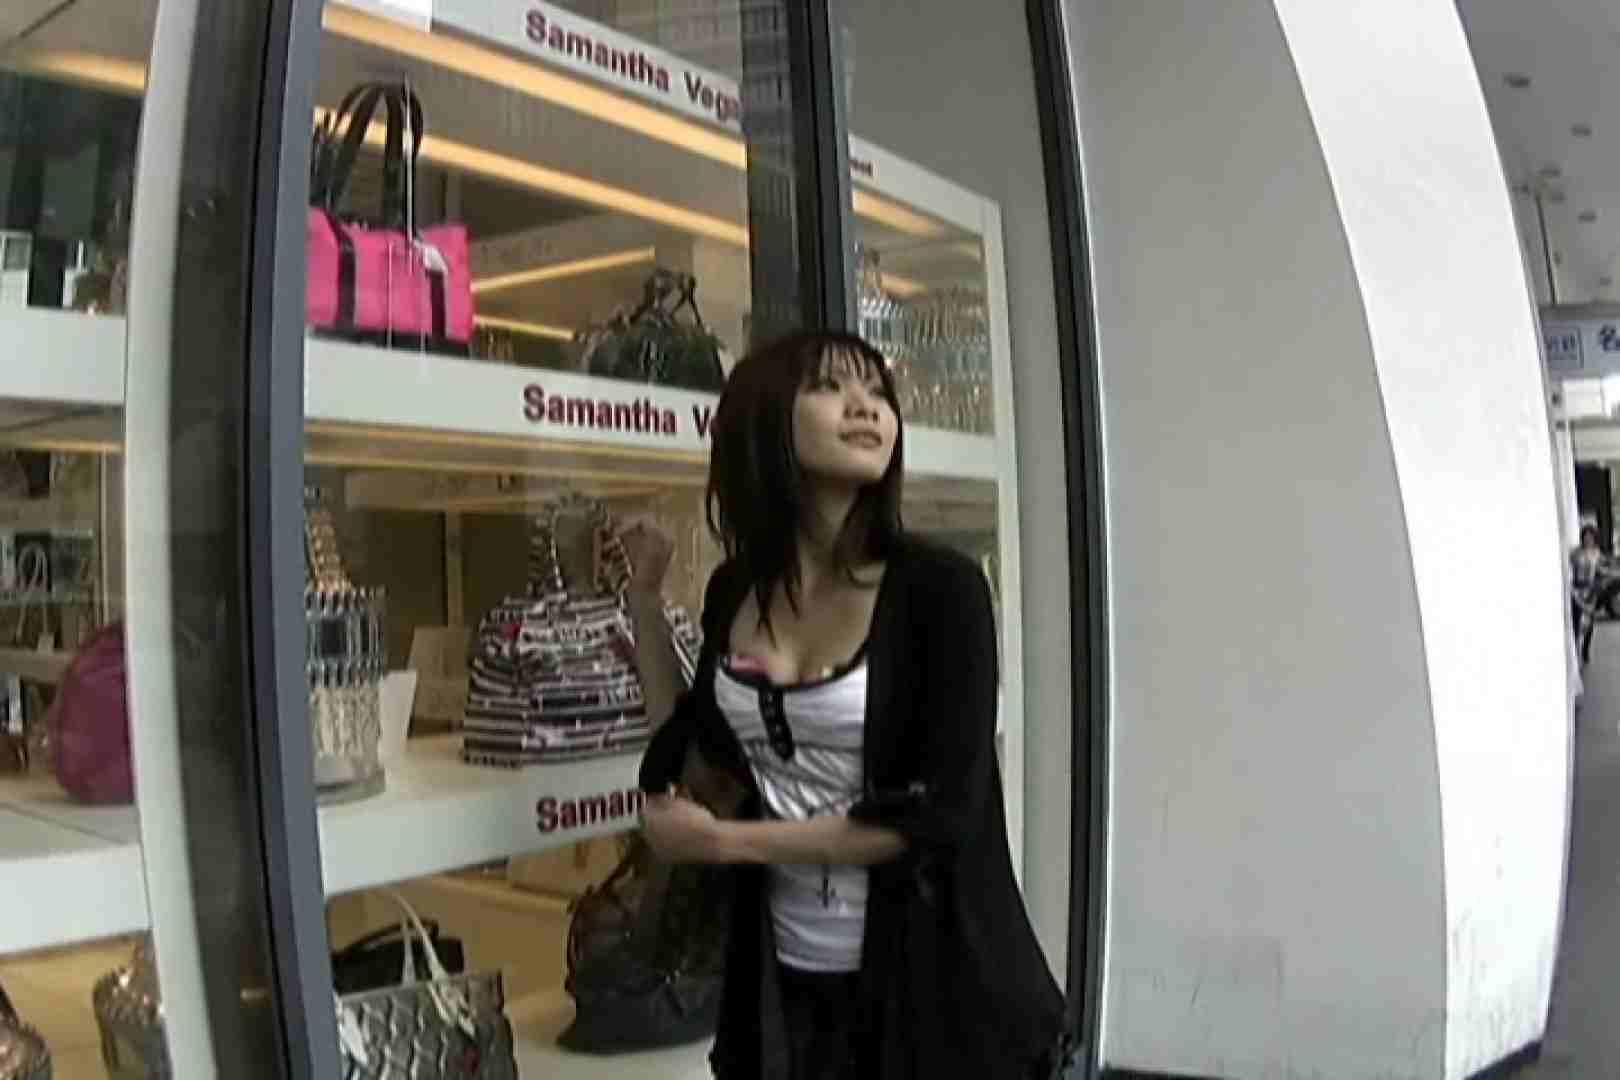 ハイビジョンパンチラ オッテQさんの追跡パンチラ制服女子編Vol.05 追跡 | パンチラ  93pic 22